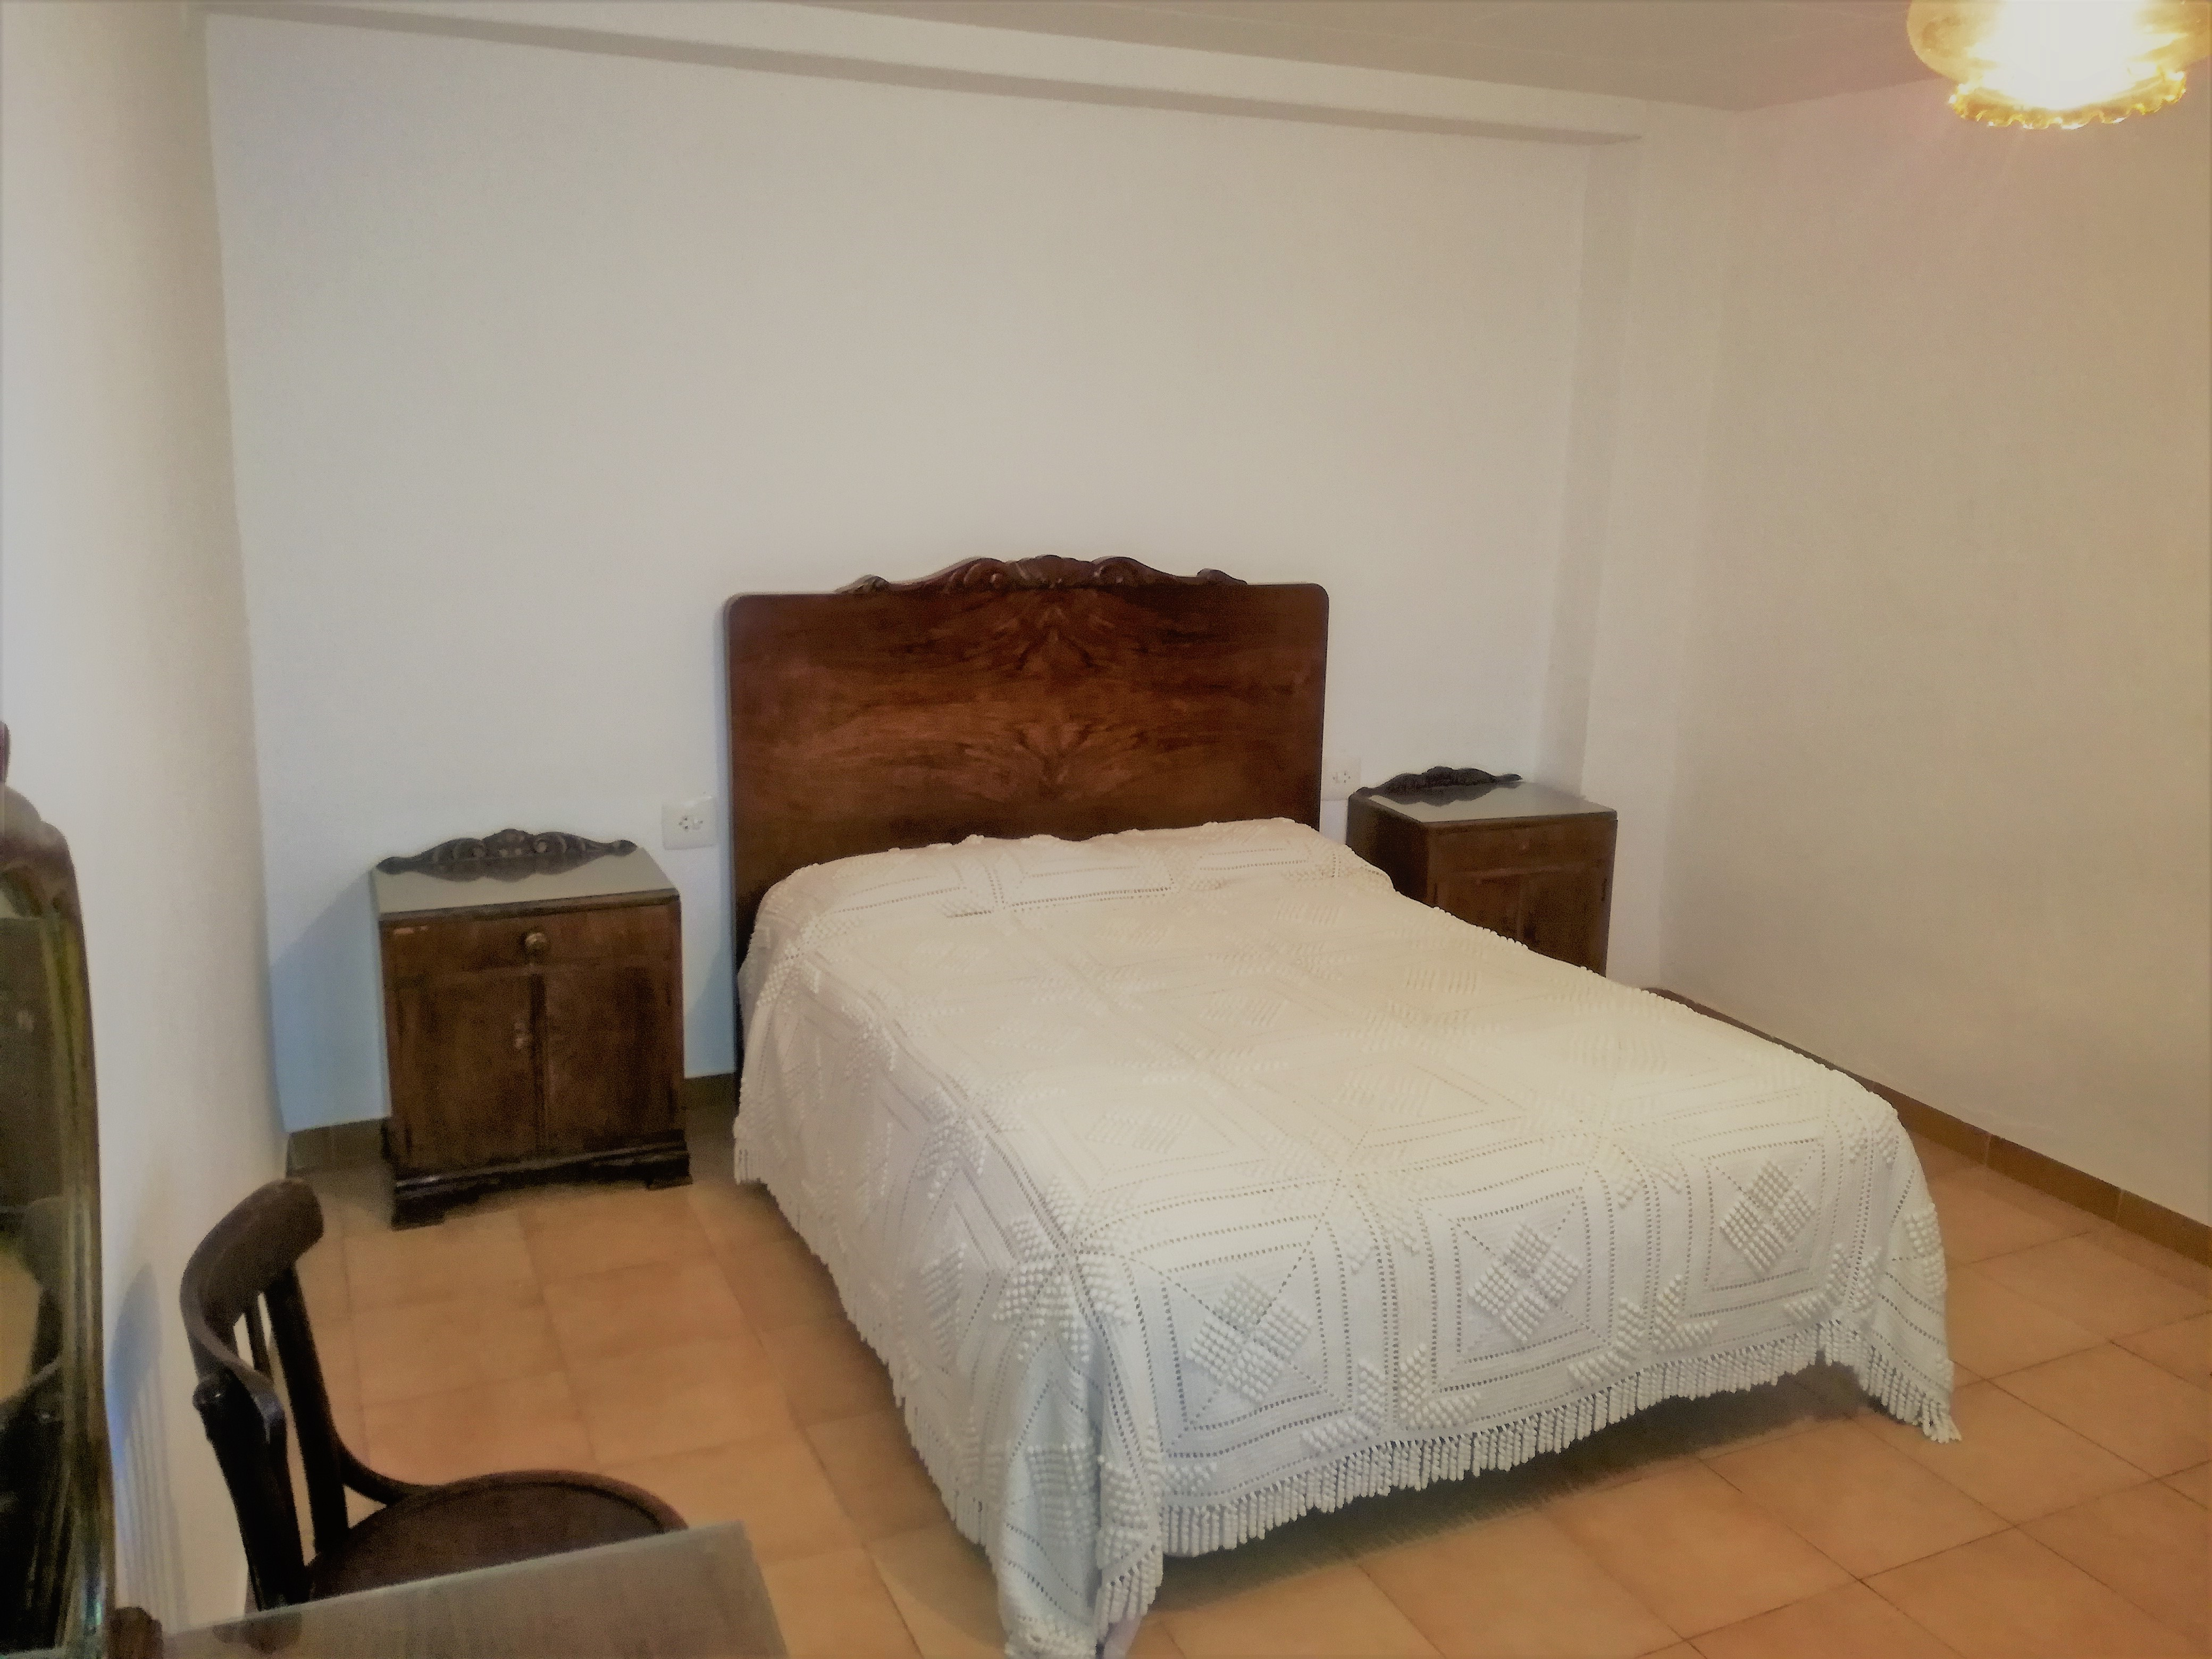 Vakantie in Spanje authentiek appartement